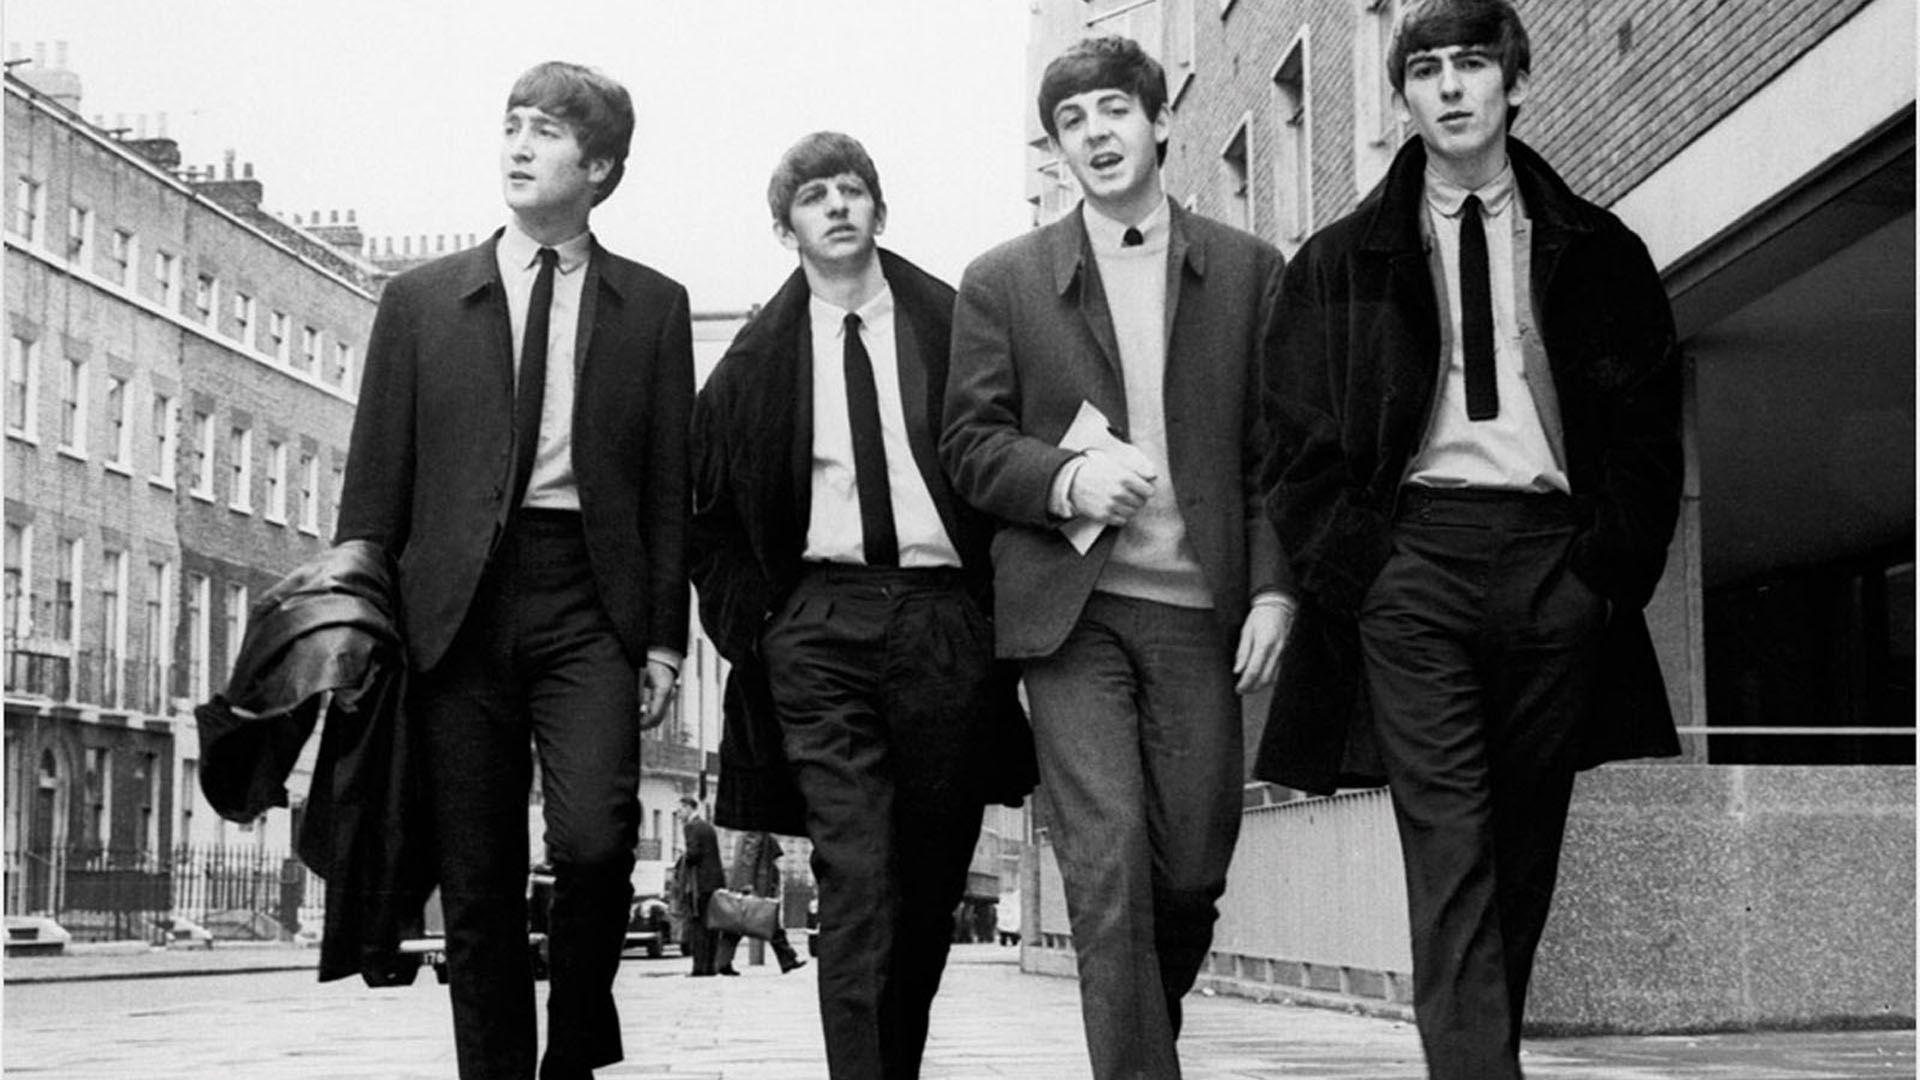 ¿Dónde obtuvieron The Beatles sus inicios de popularidad?